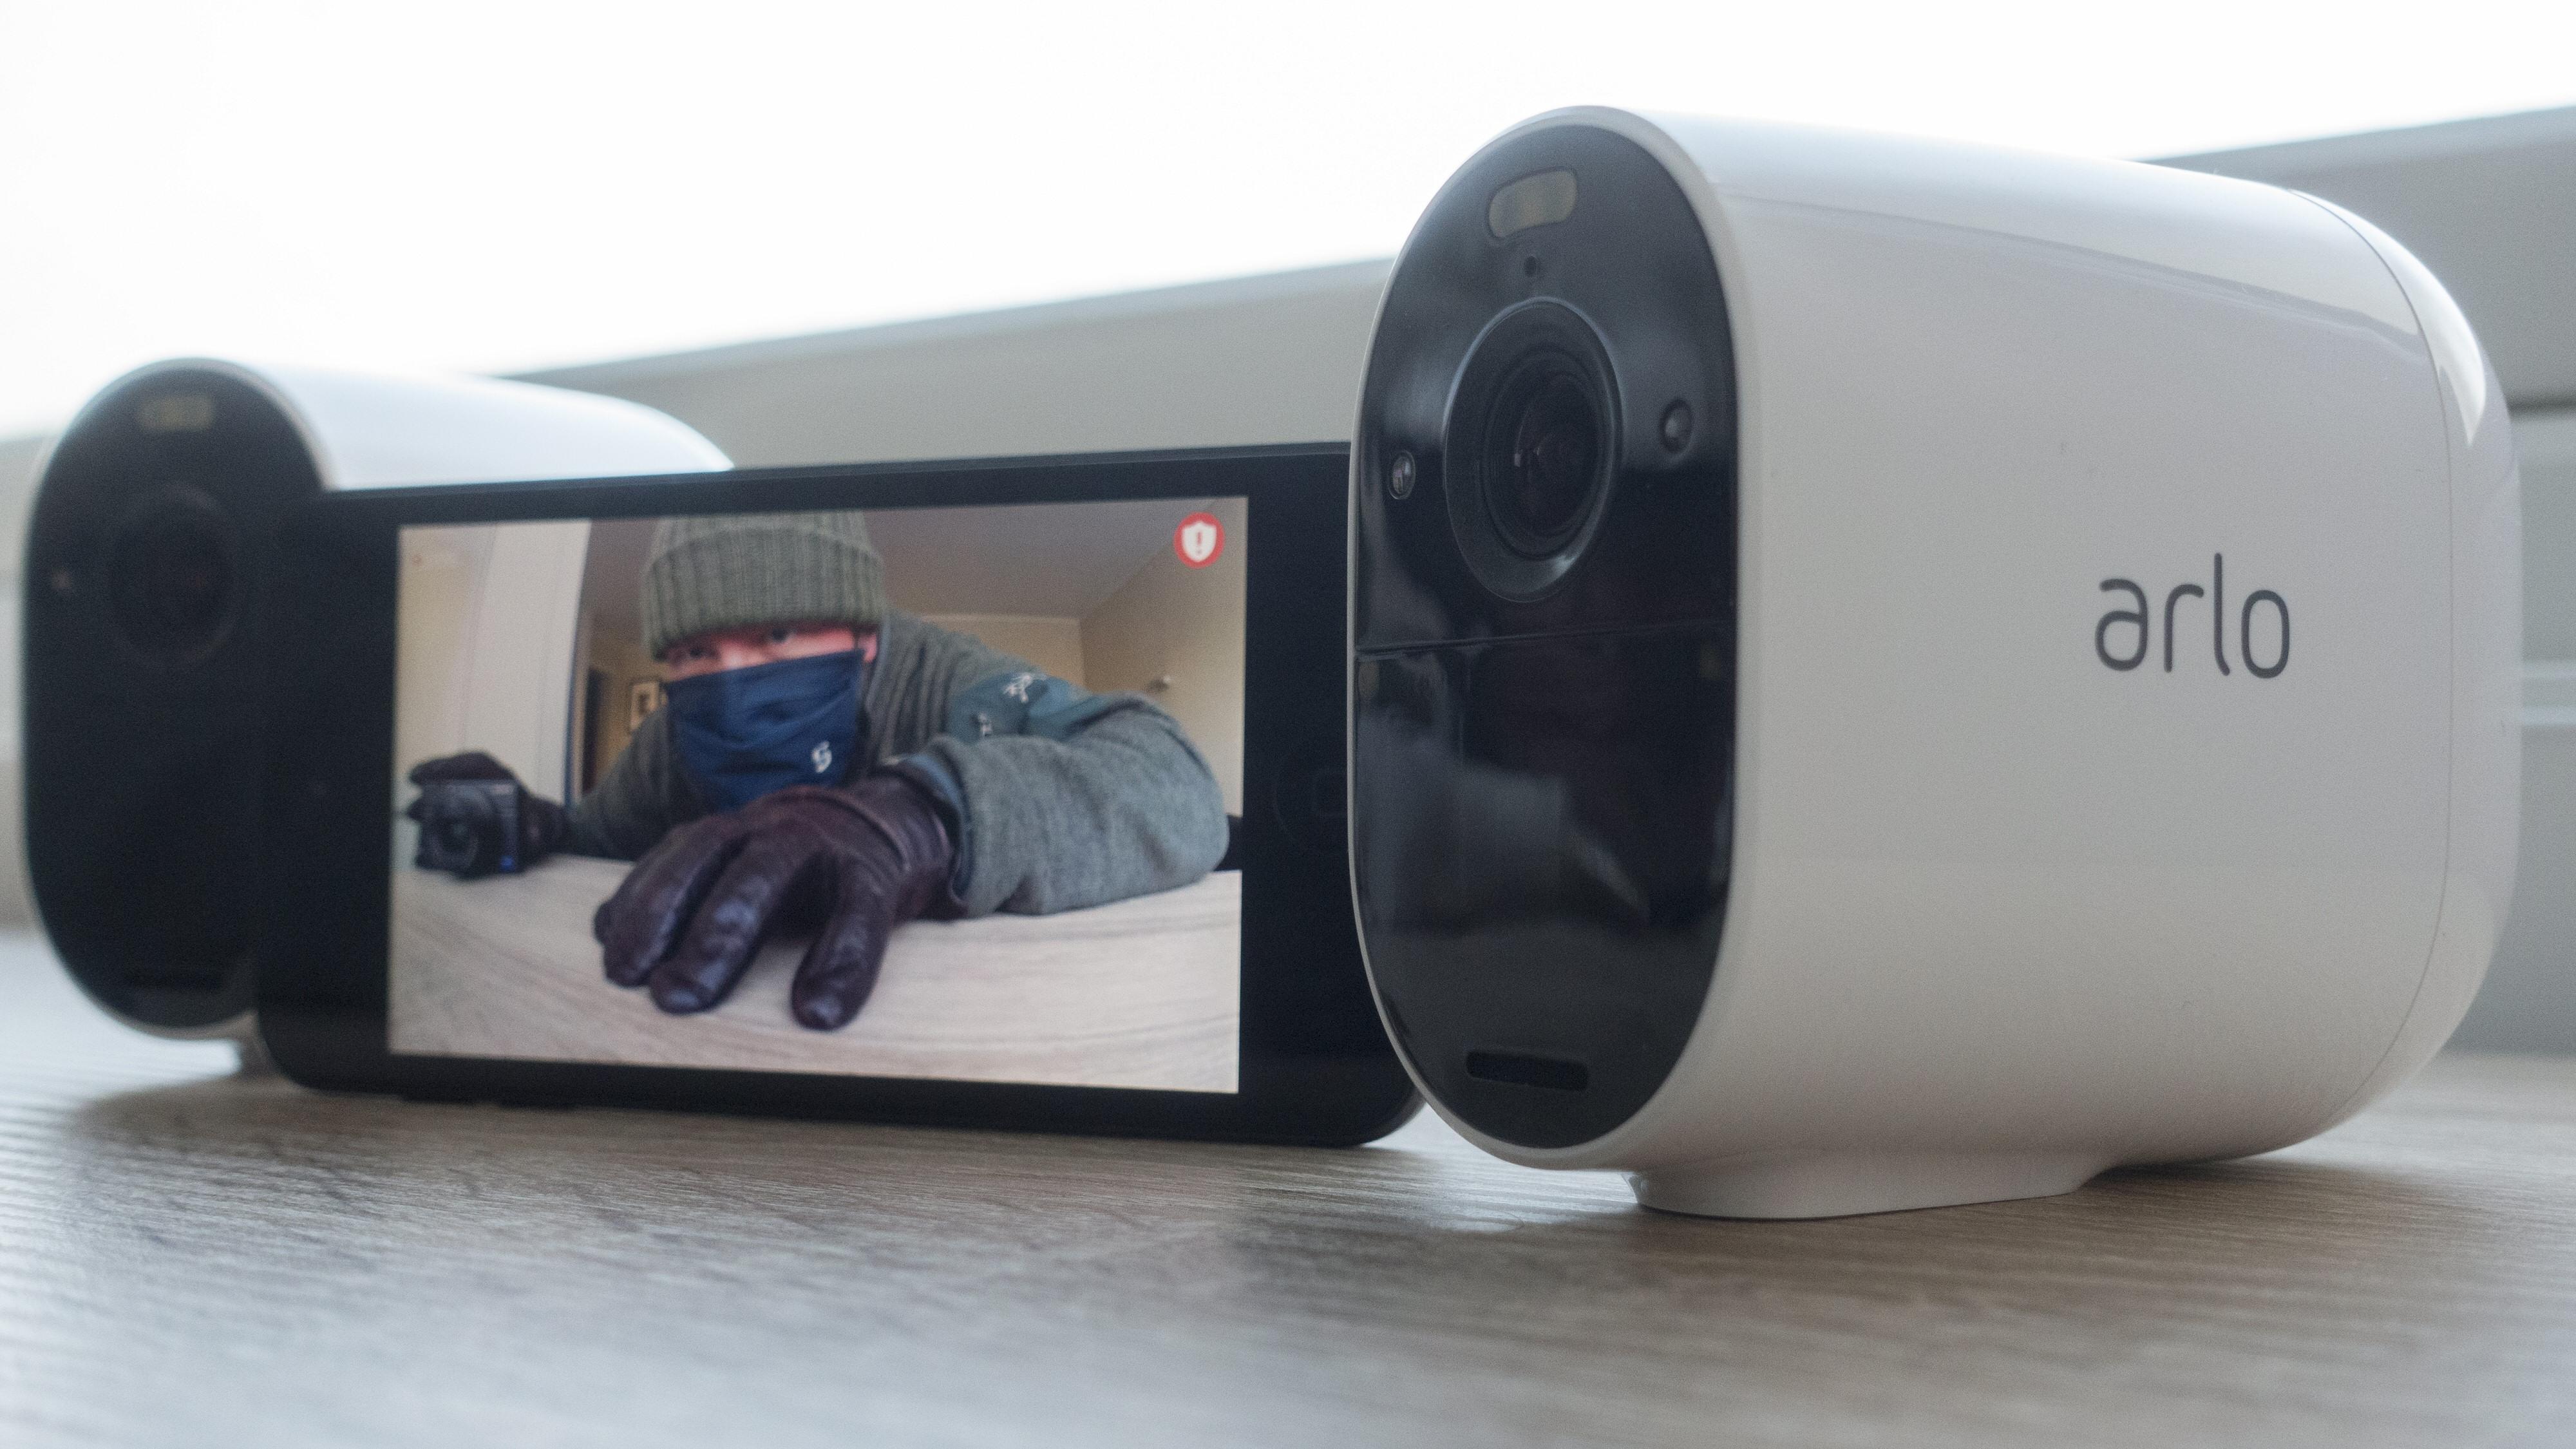 Arlos Essential-kamera gjør det enda enklere å passe på huset